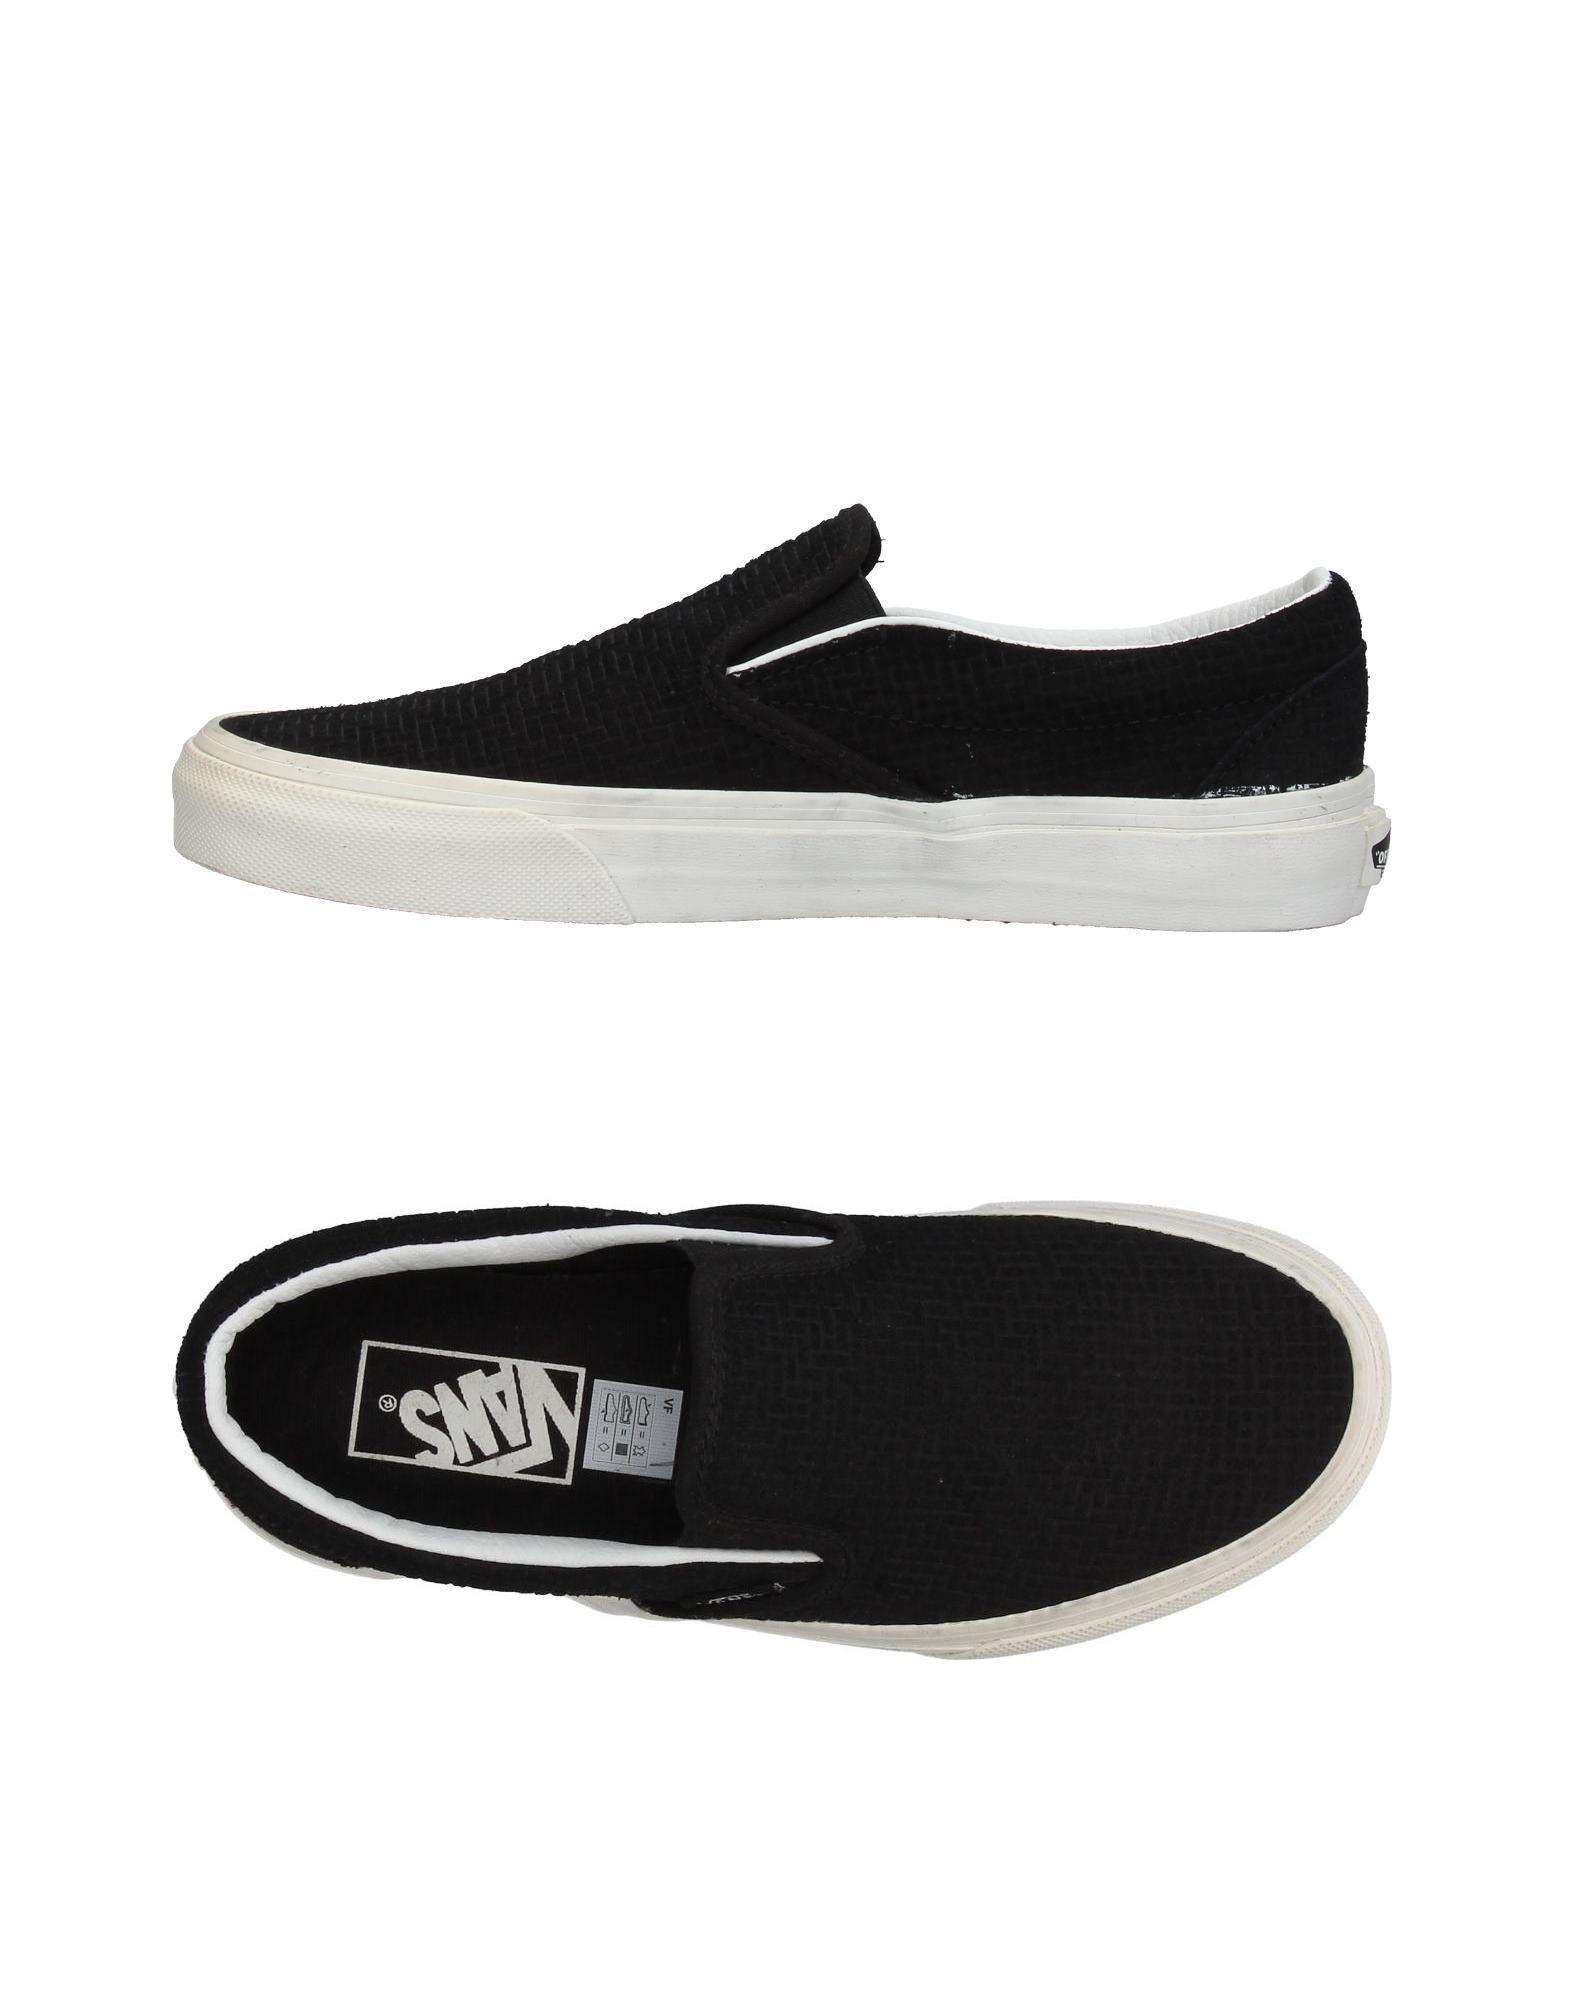 Vans Sneakers In Black | ModeSens